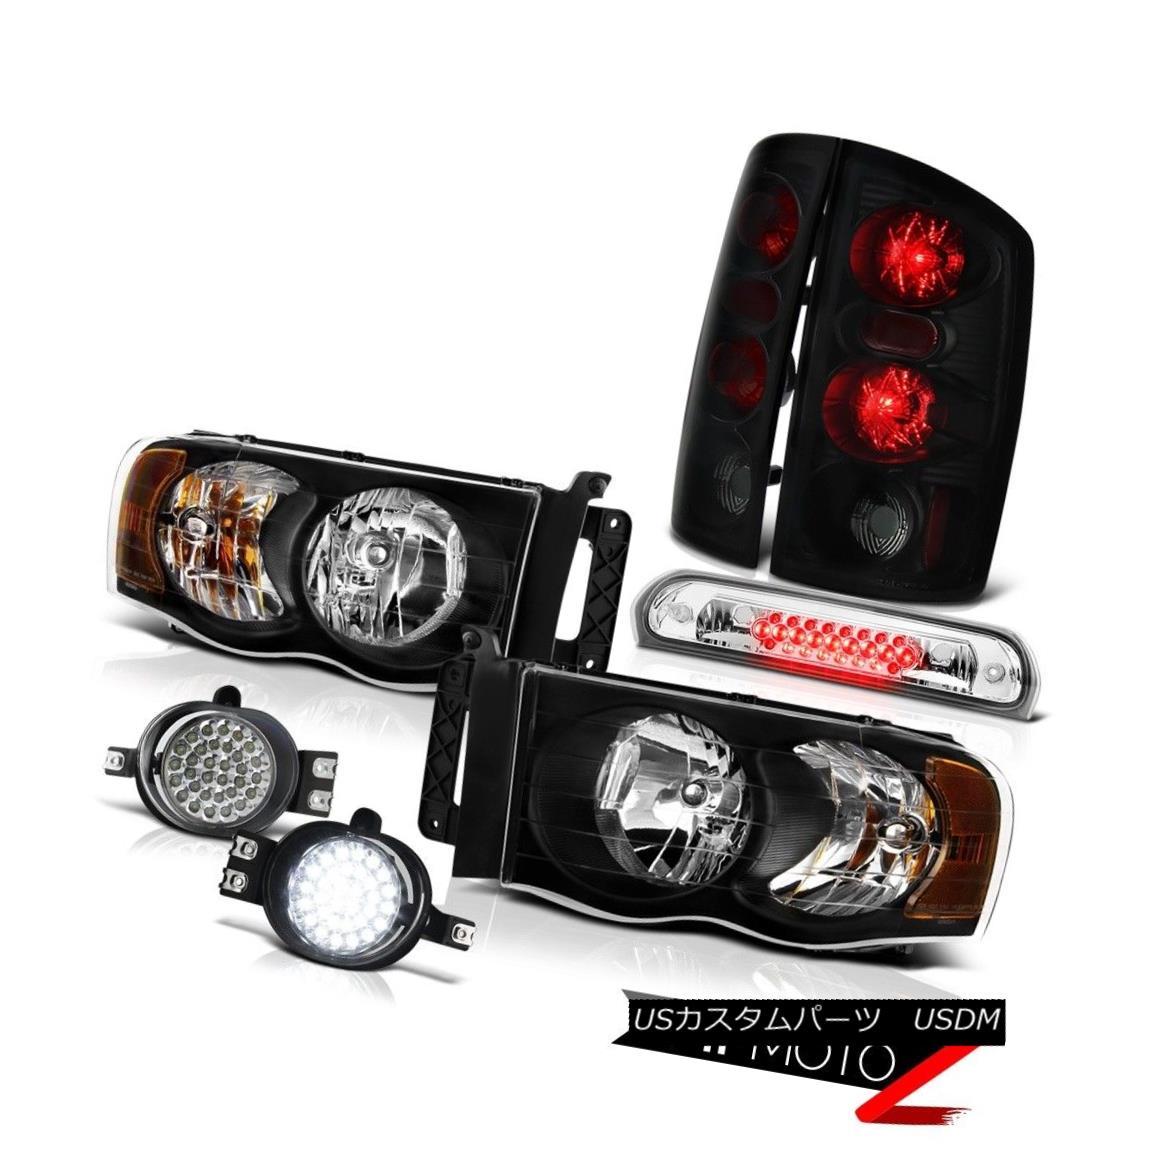 テールライト 02-05 Ram Hemi Pair Black Headlamps Sinister Brake Lights SMD LED Fog Roof Stop 02-05ラムヘミペアブラックヘッドランプ不快なブレーキライトSMD LEDフォグ屋根停止